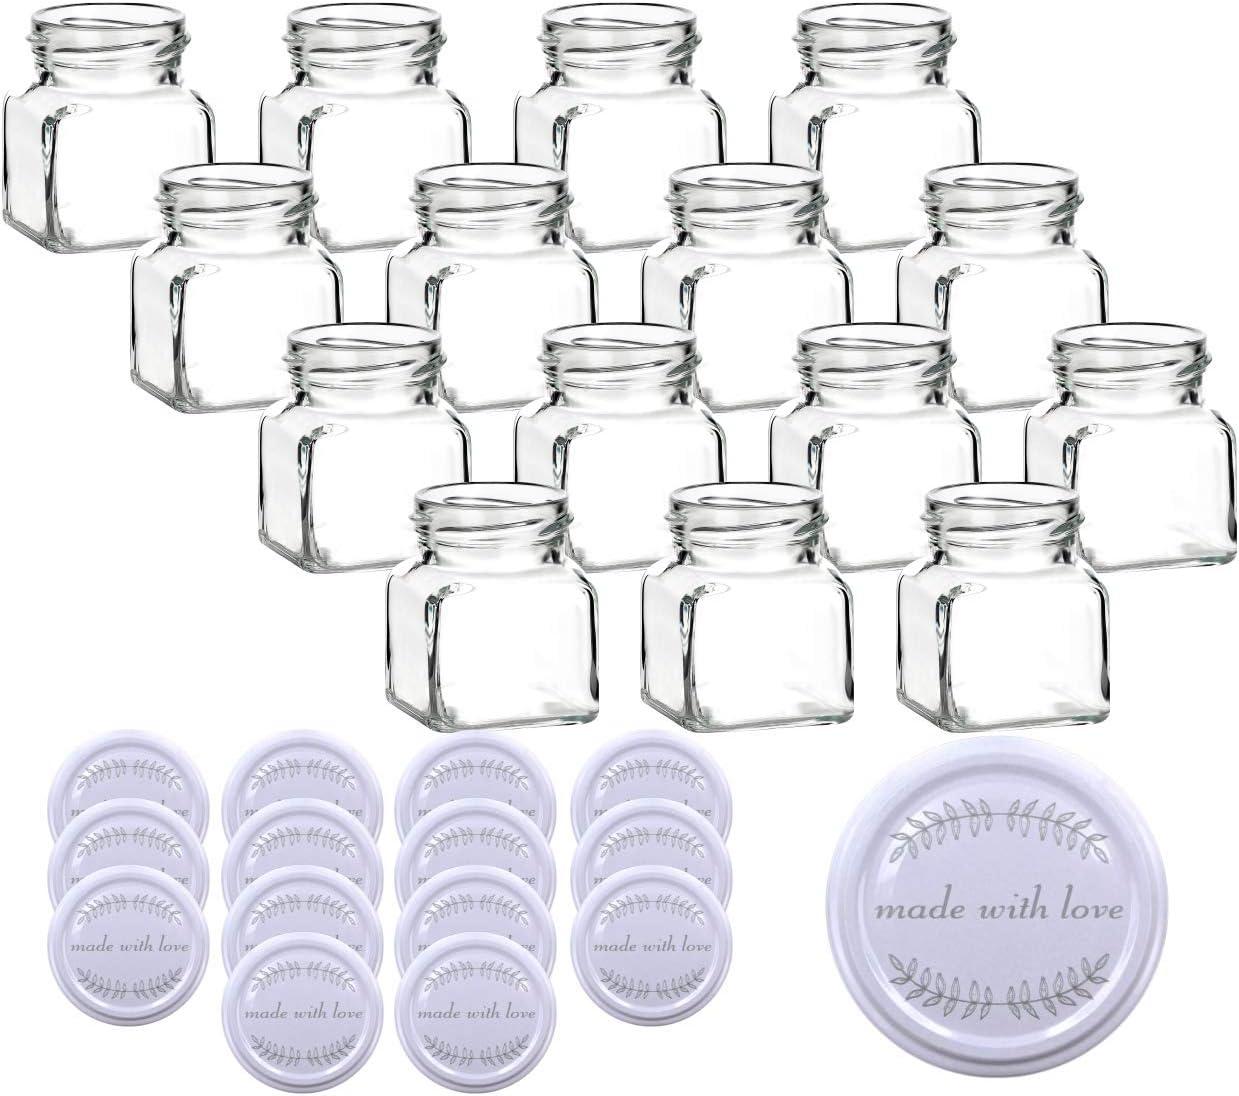 incl 120 ml per barattoli gouveo Set di 15 barattoli Quadrati Vuoti per Conserve Coperchio con Motivi Assortiti marmellate Conserve e Conserve Bianco con Amore Fatto a Mano.